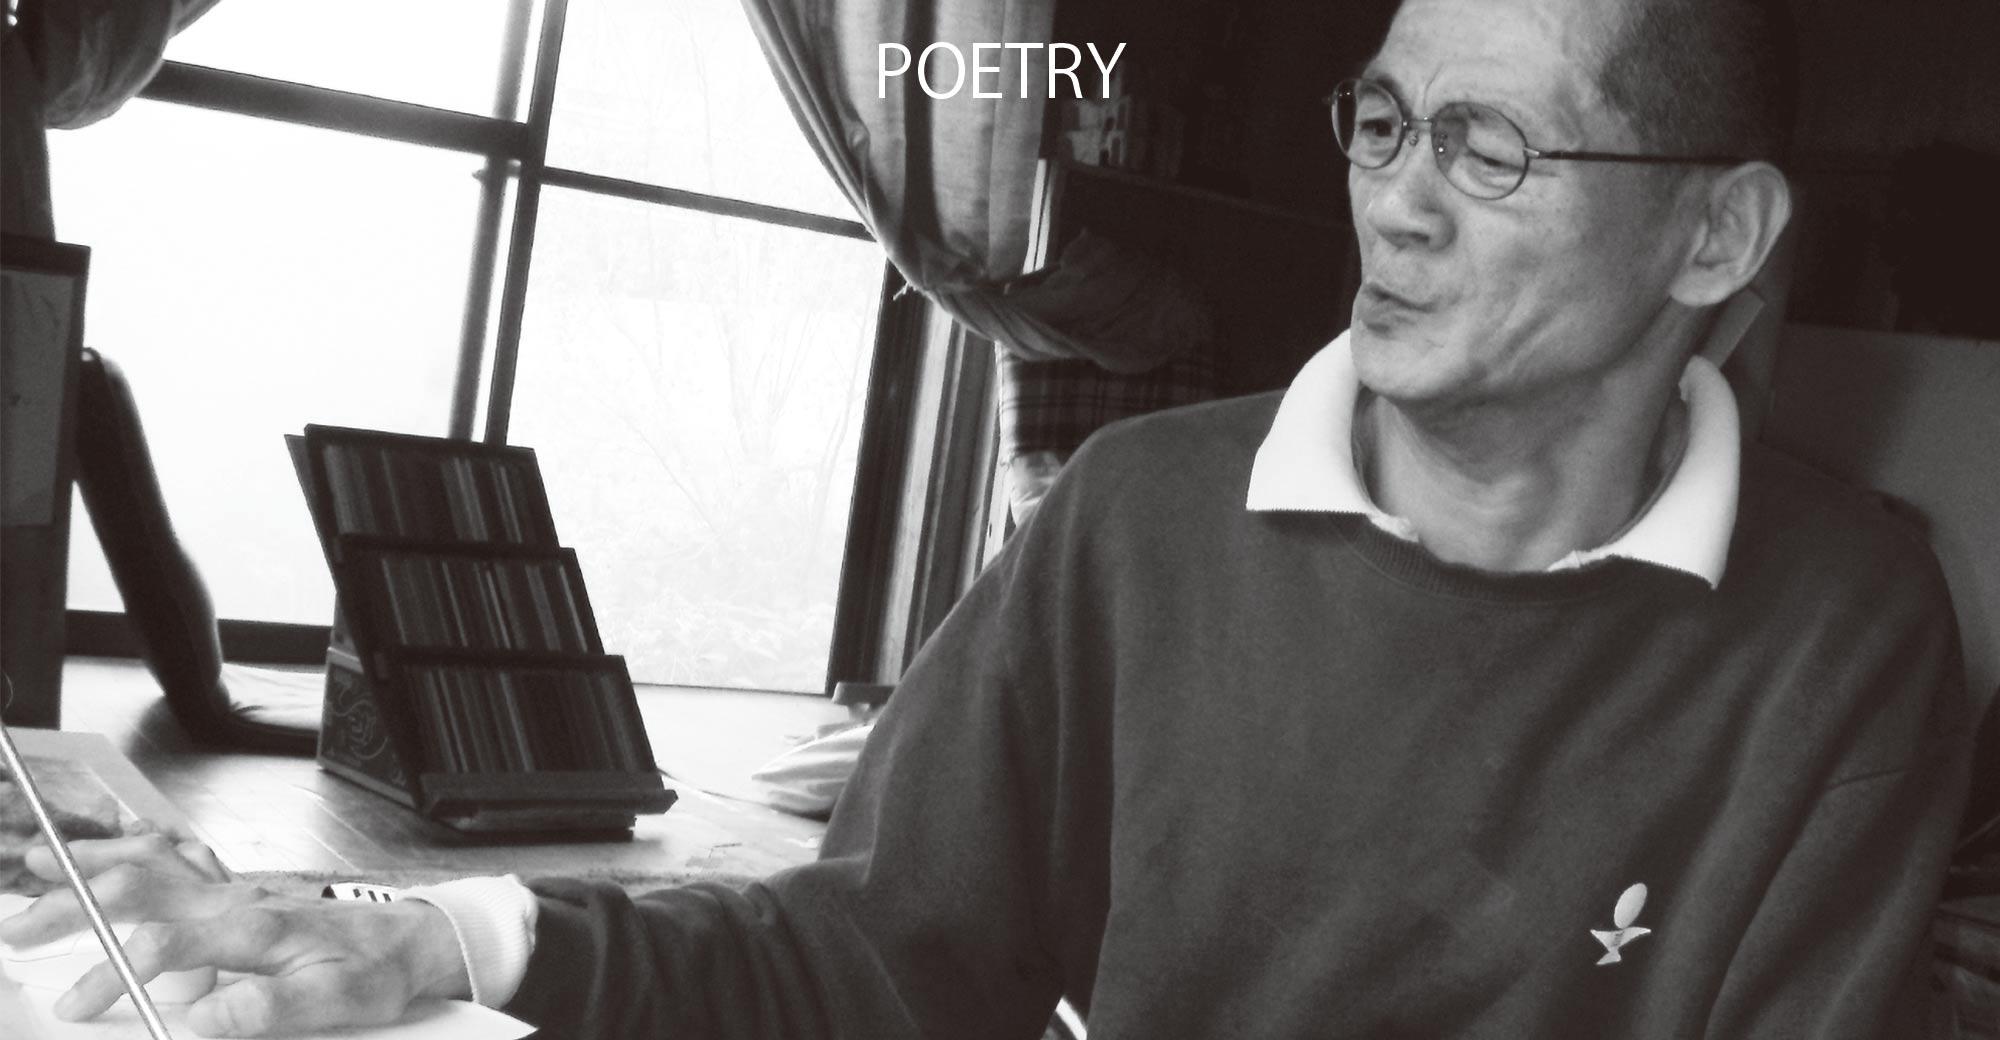 詩人吉田ヨーゾーの詩はイメージを力にする